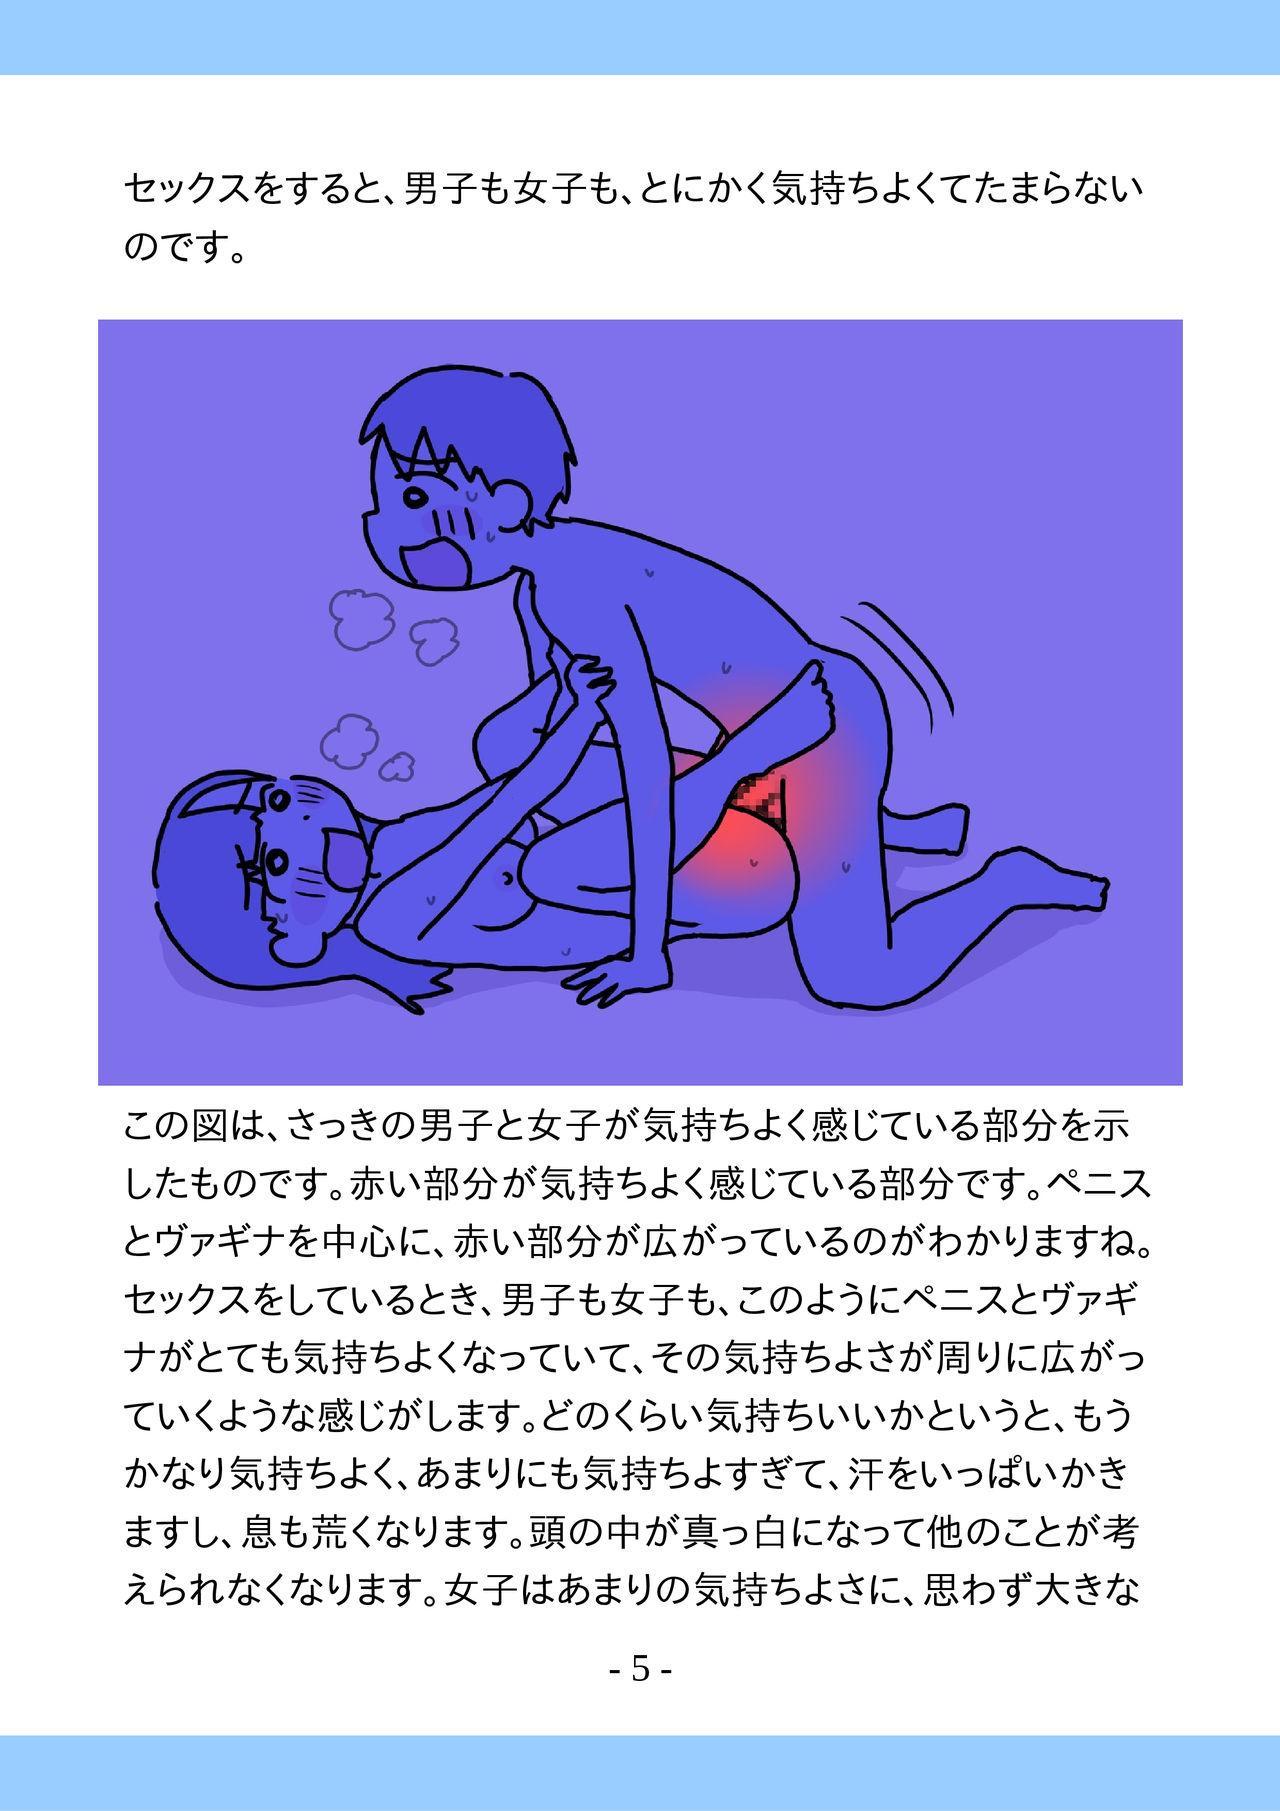 Shishunki no Tame no Tottemo Kimochii Sex no Ohanashi 4